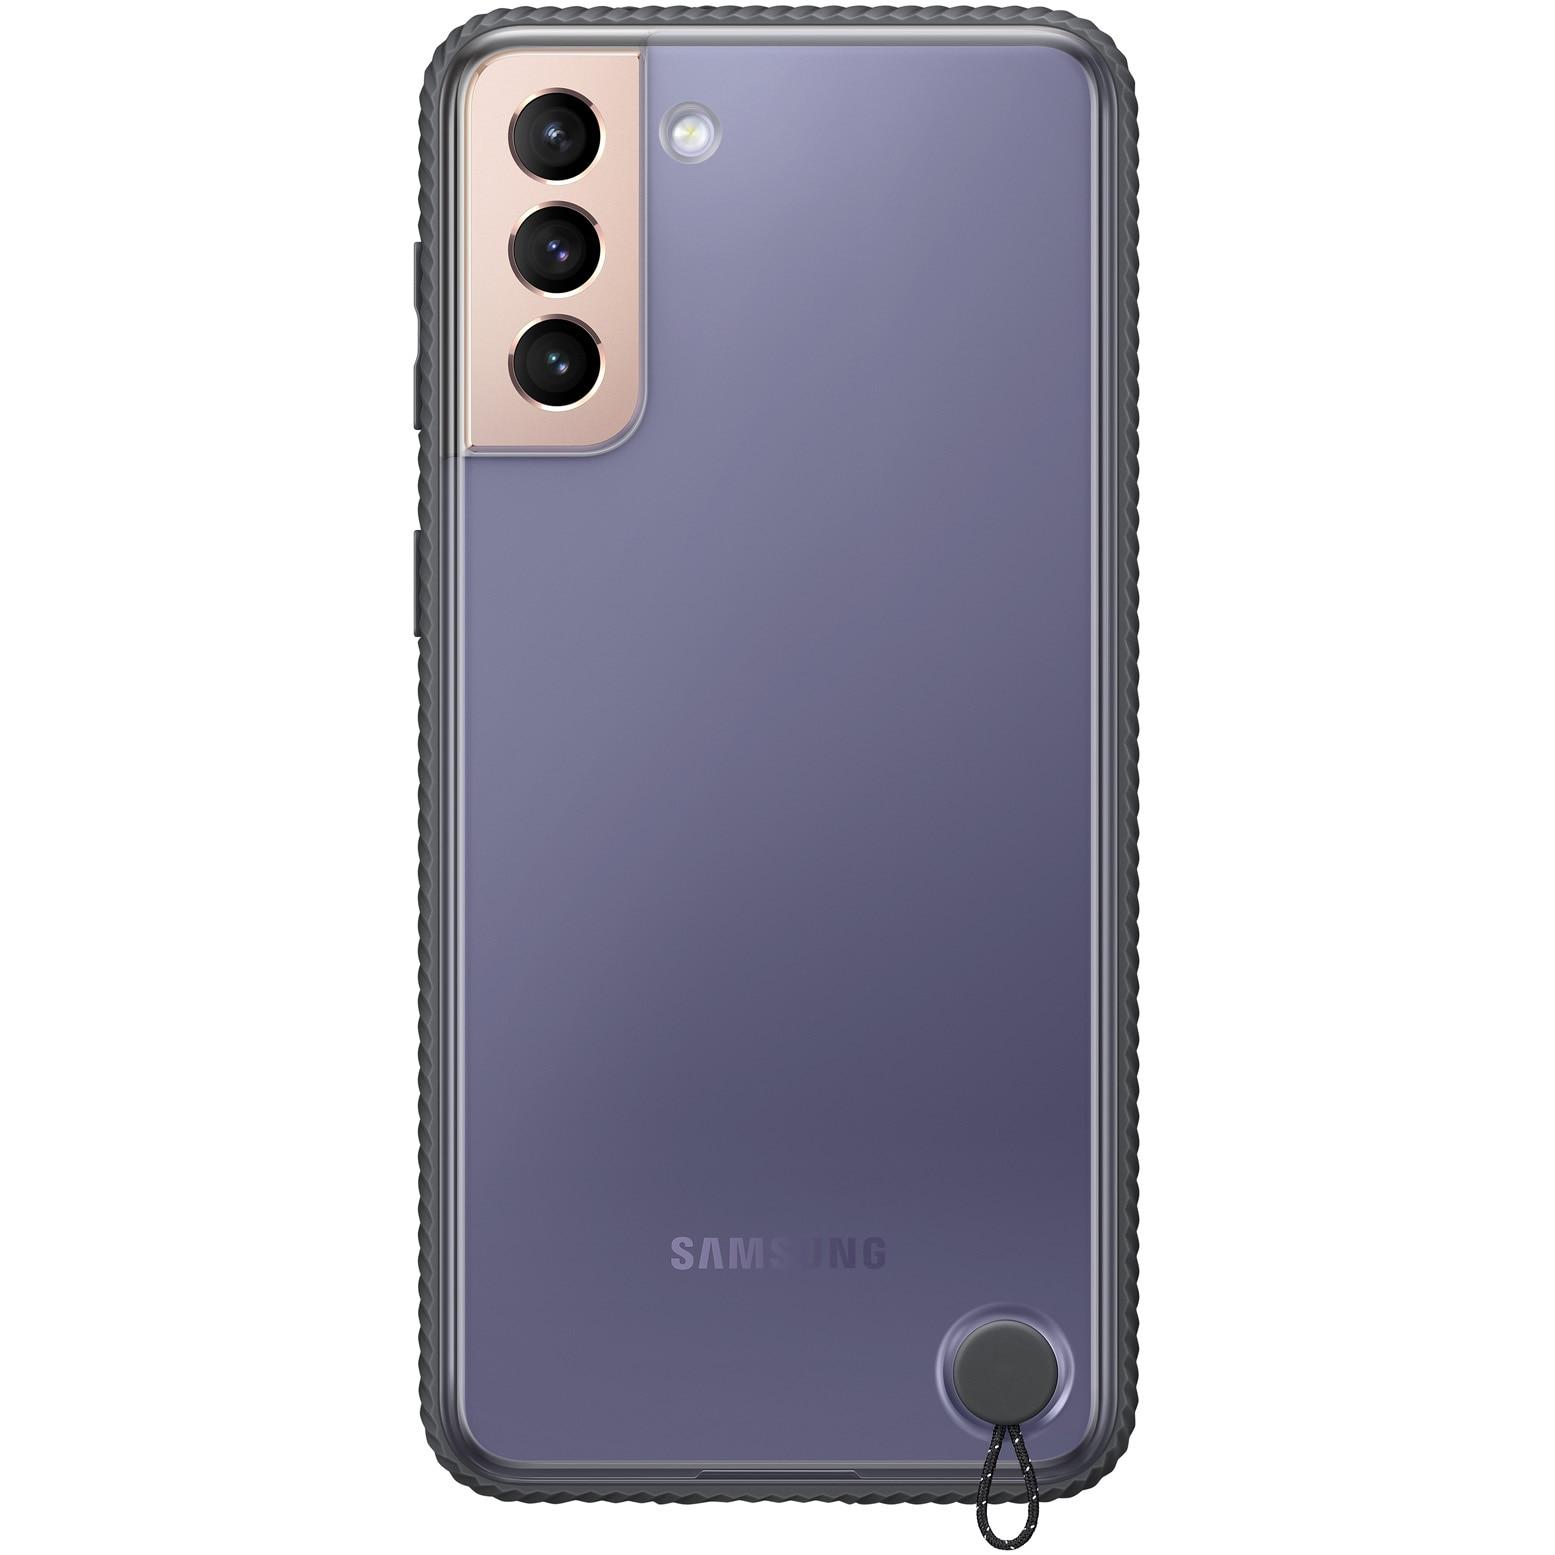 Fotografie Husa de protectie Samsung Clear Protective Cover pentru Galaxy S21 Plus, Black